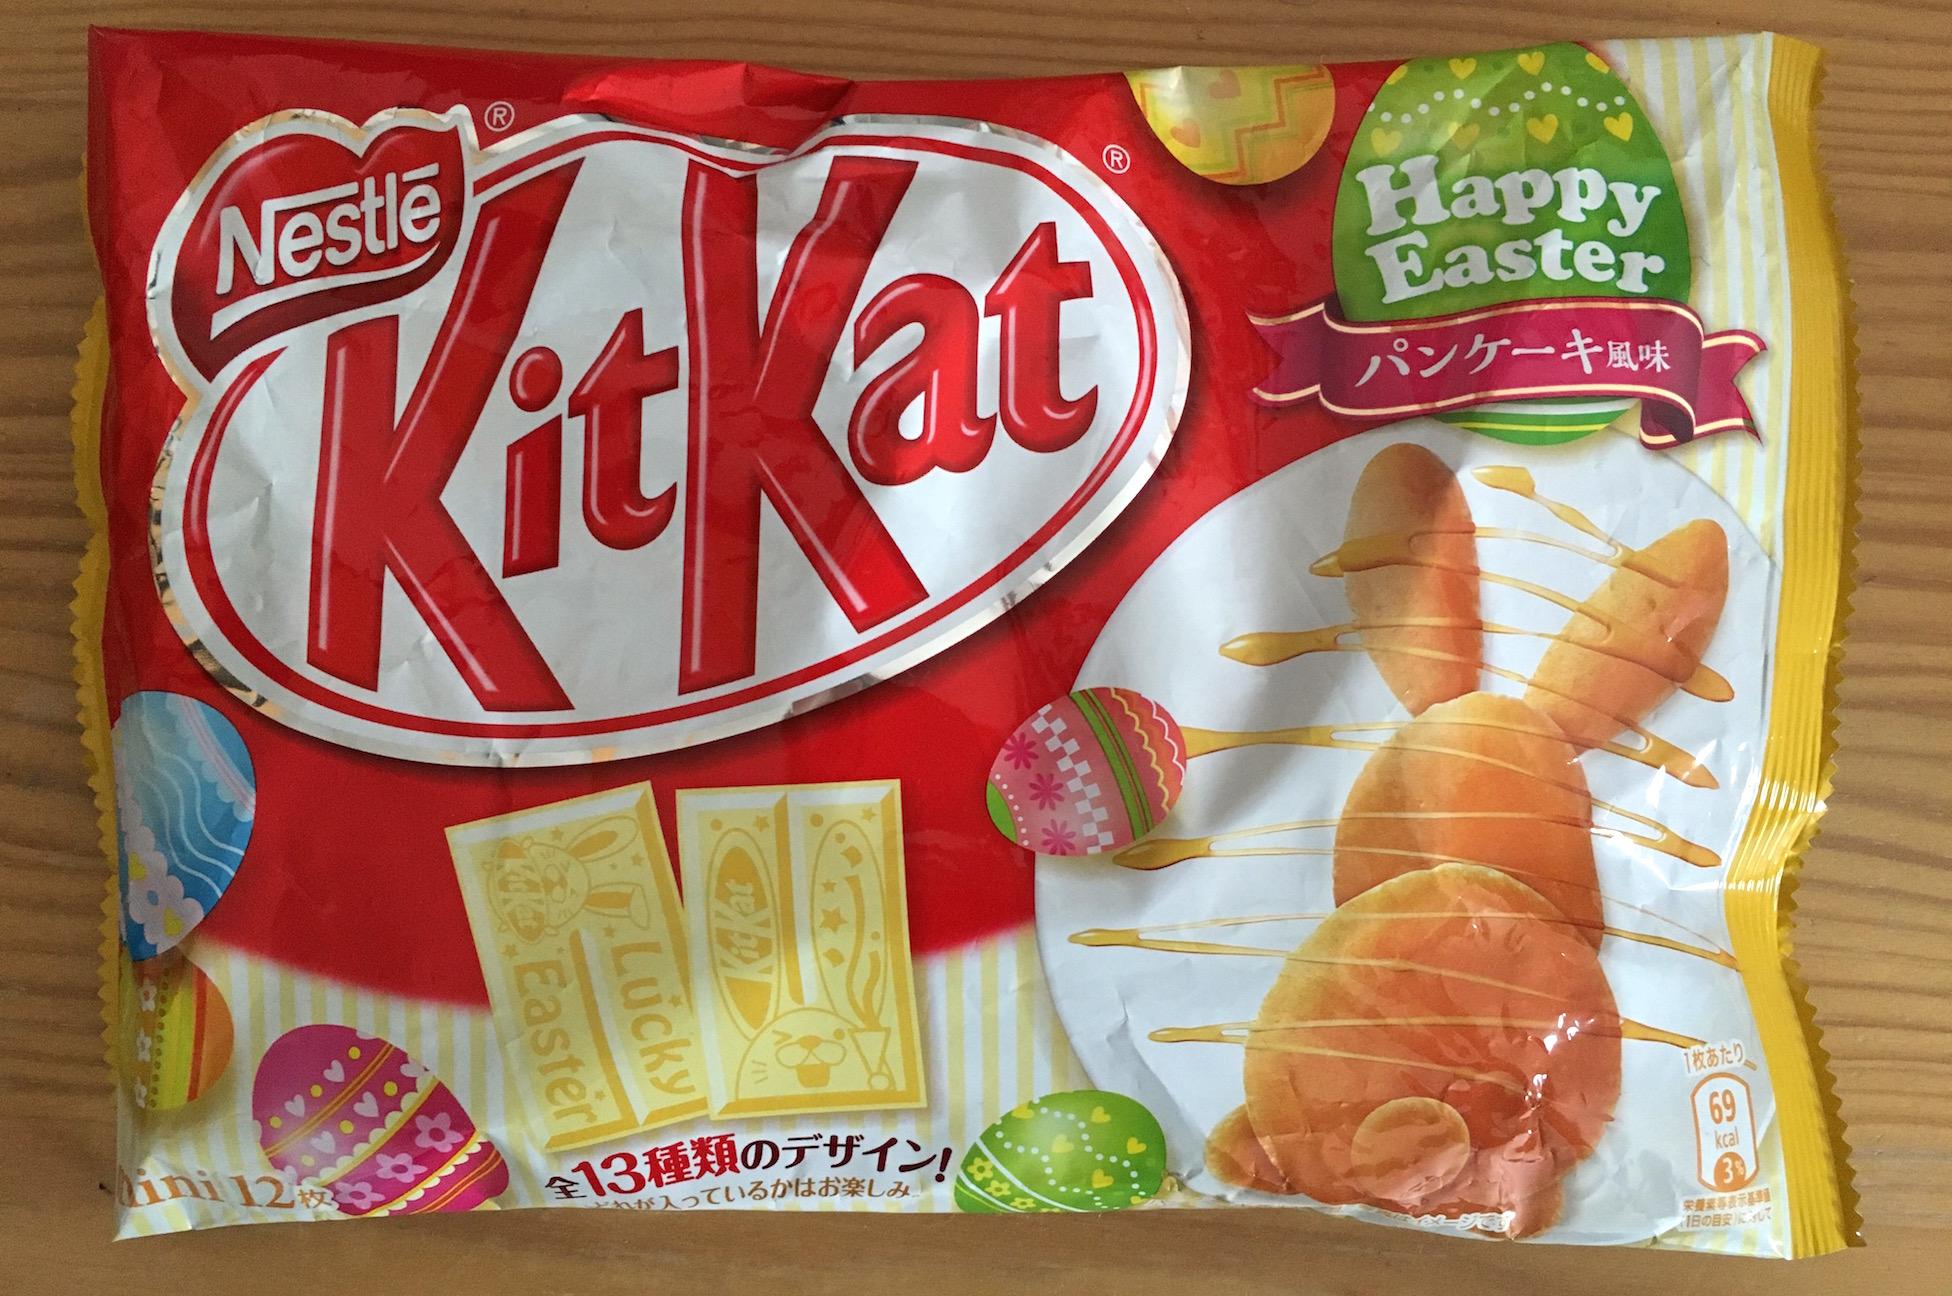 Kit Kat Pancake 1